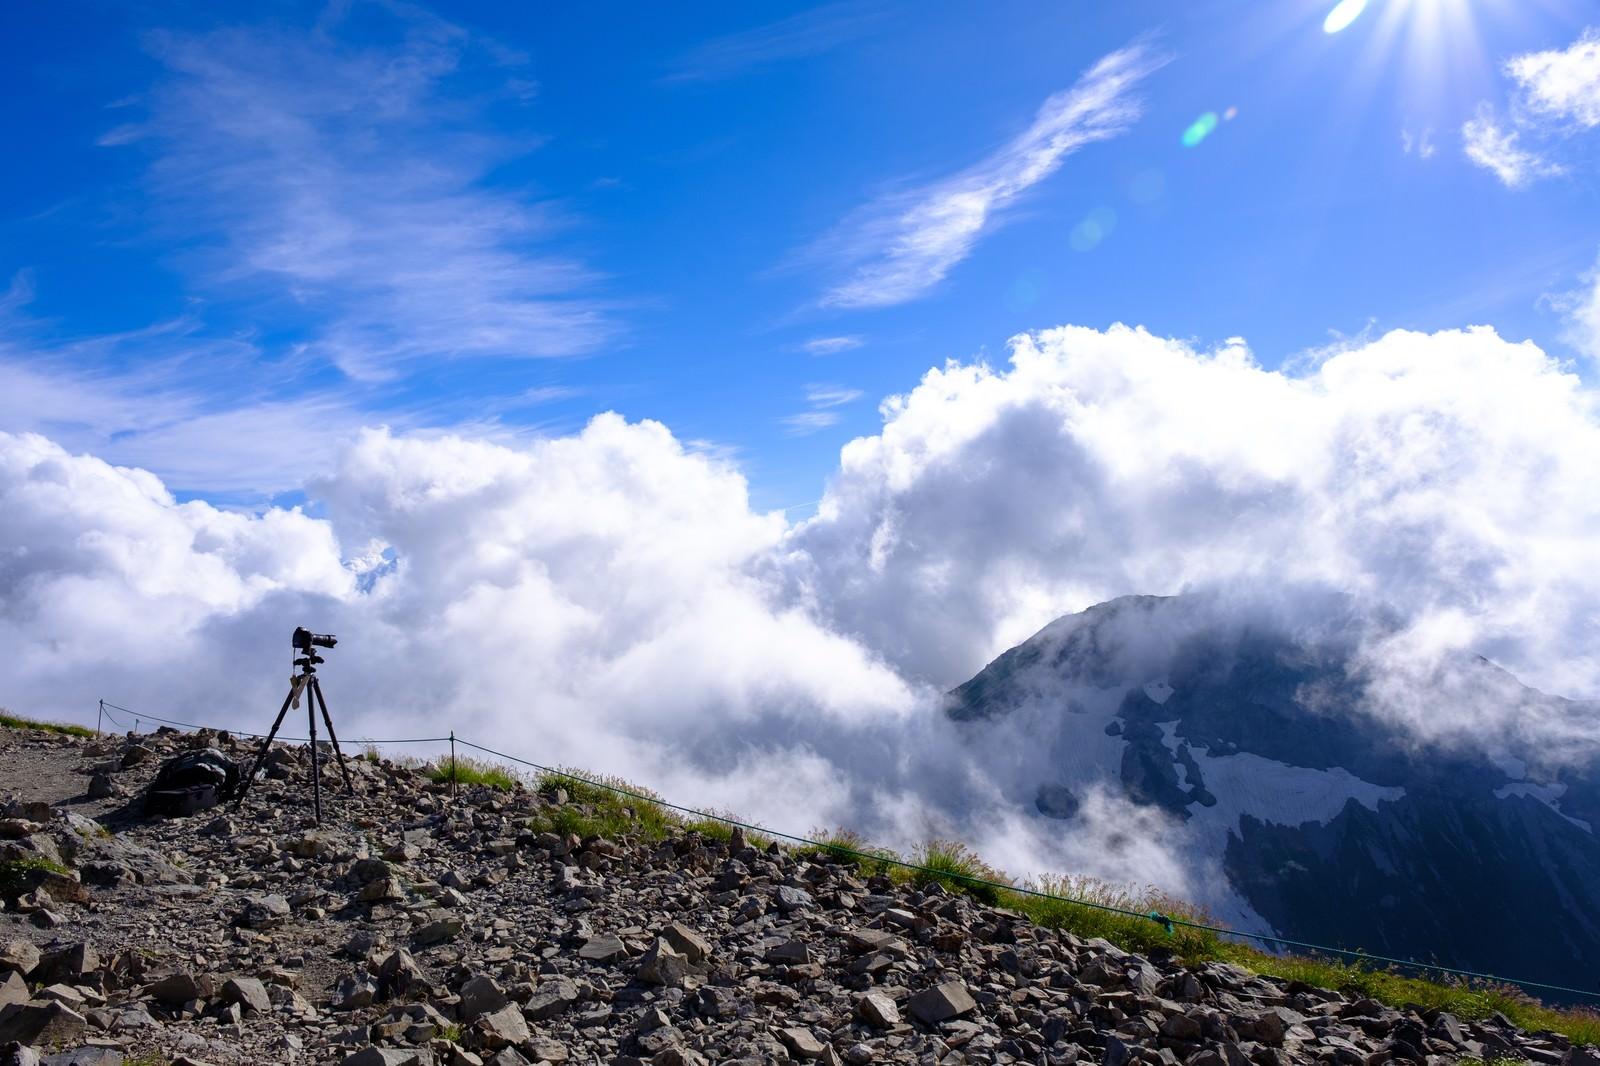 「白馬岳山頂の眼下に見える雲」の写真